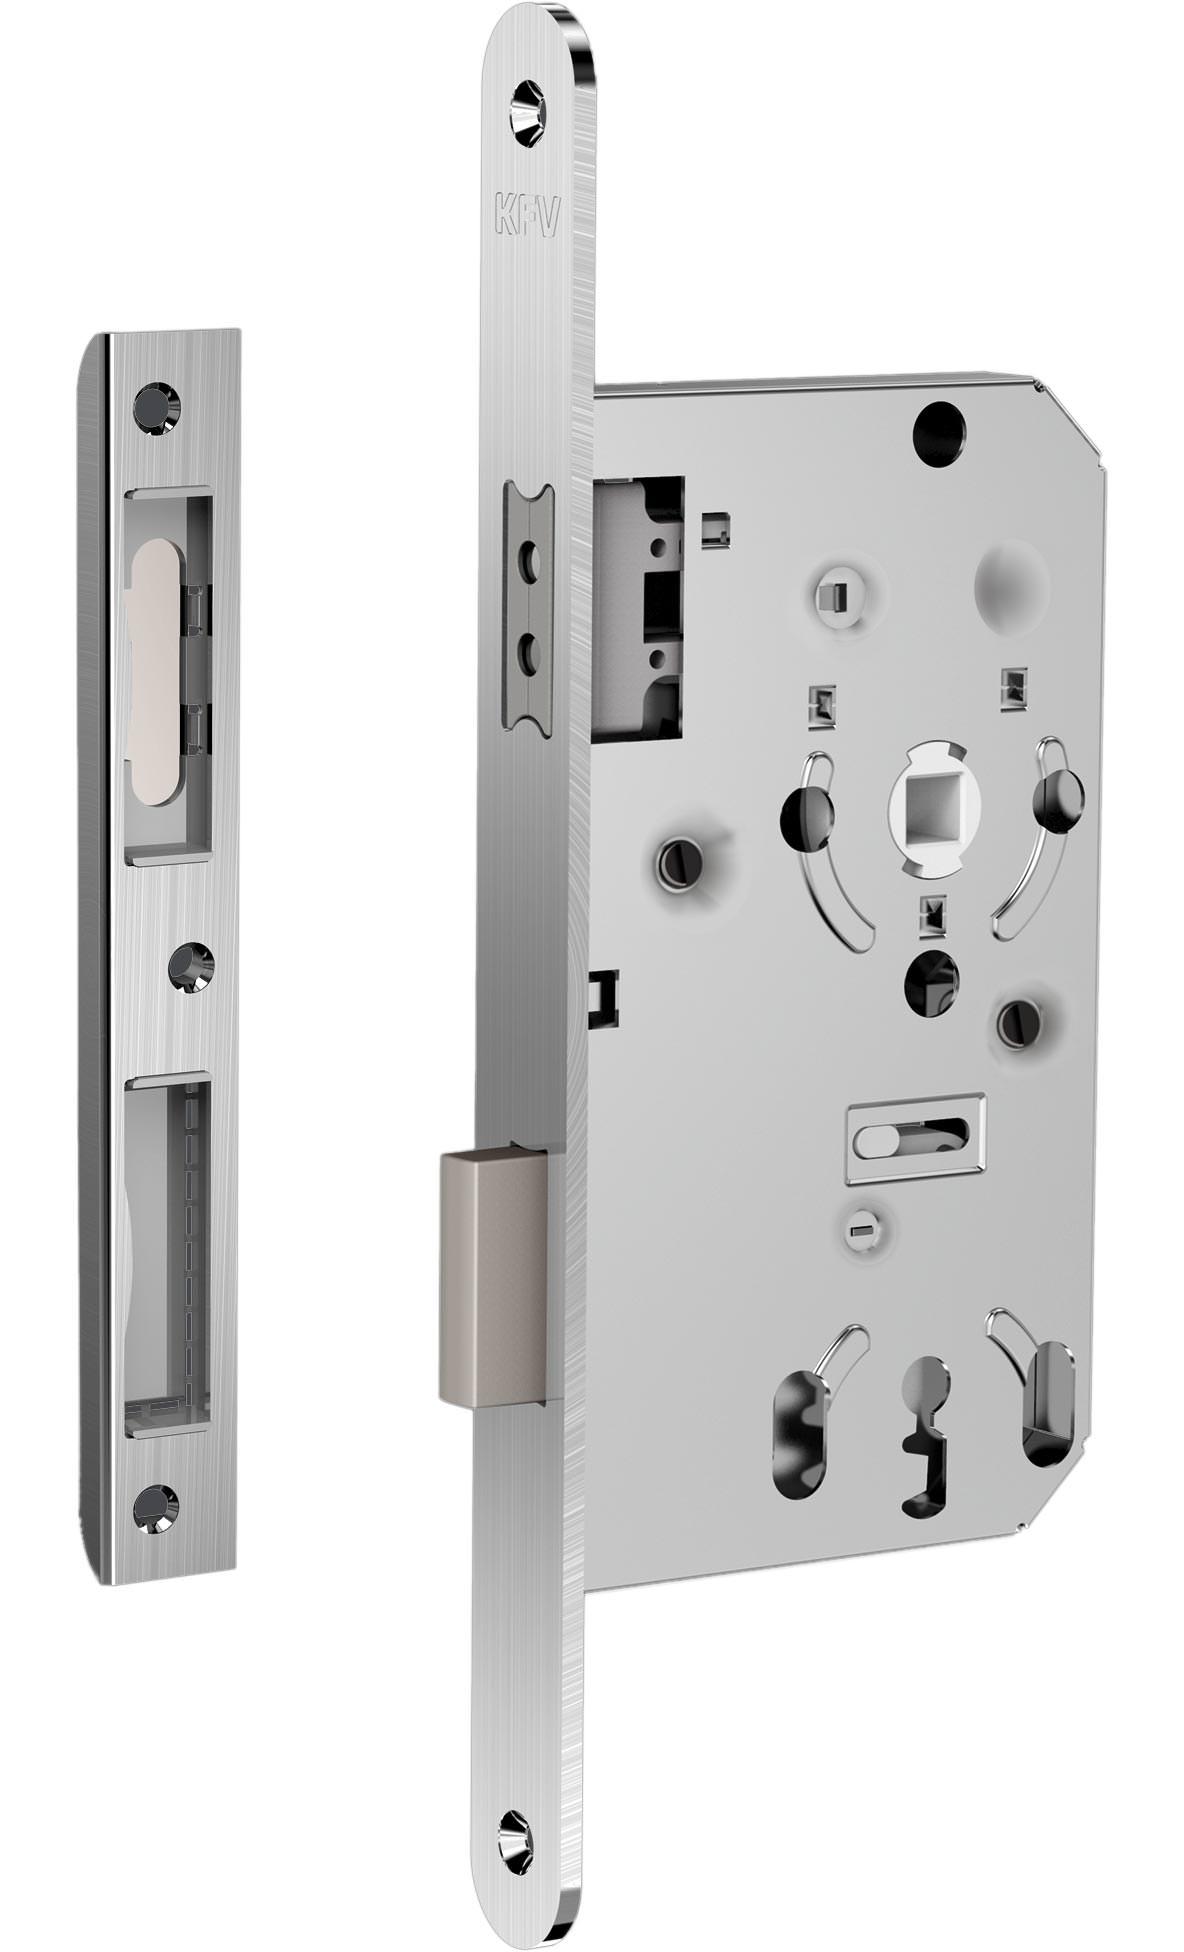 KFV-Magnetschloss 111 auch für gefälzte Innentüren aus Holz